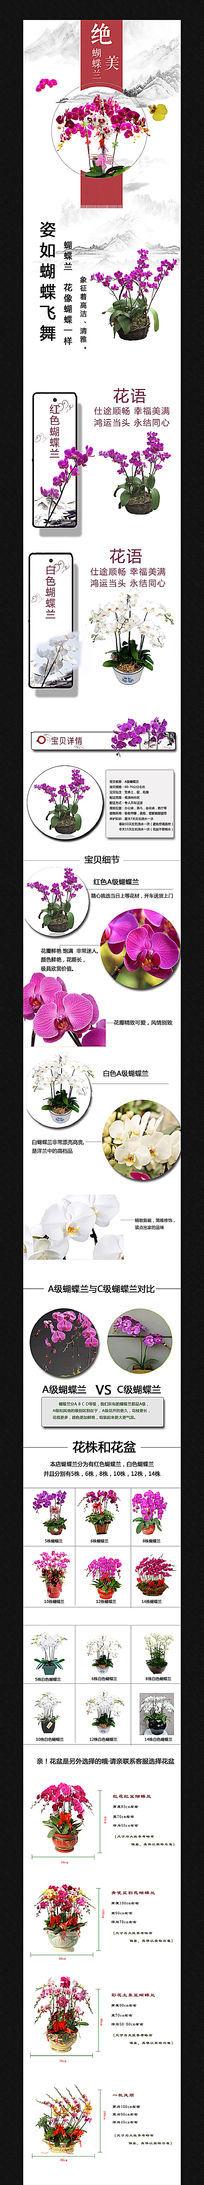 淘宝鲜花盆景盆栽详情页模板